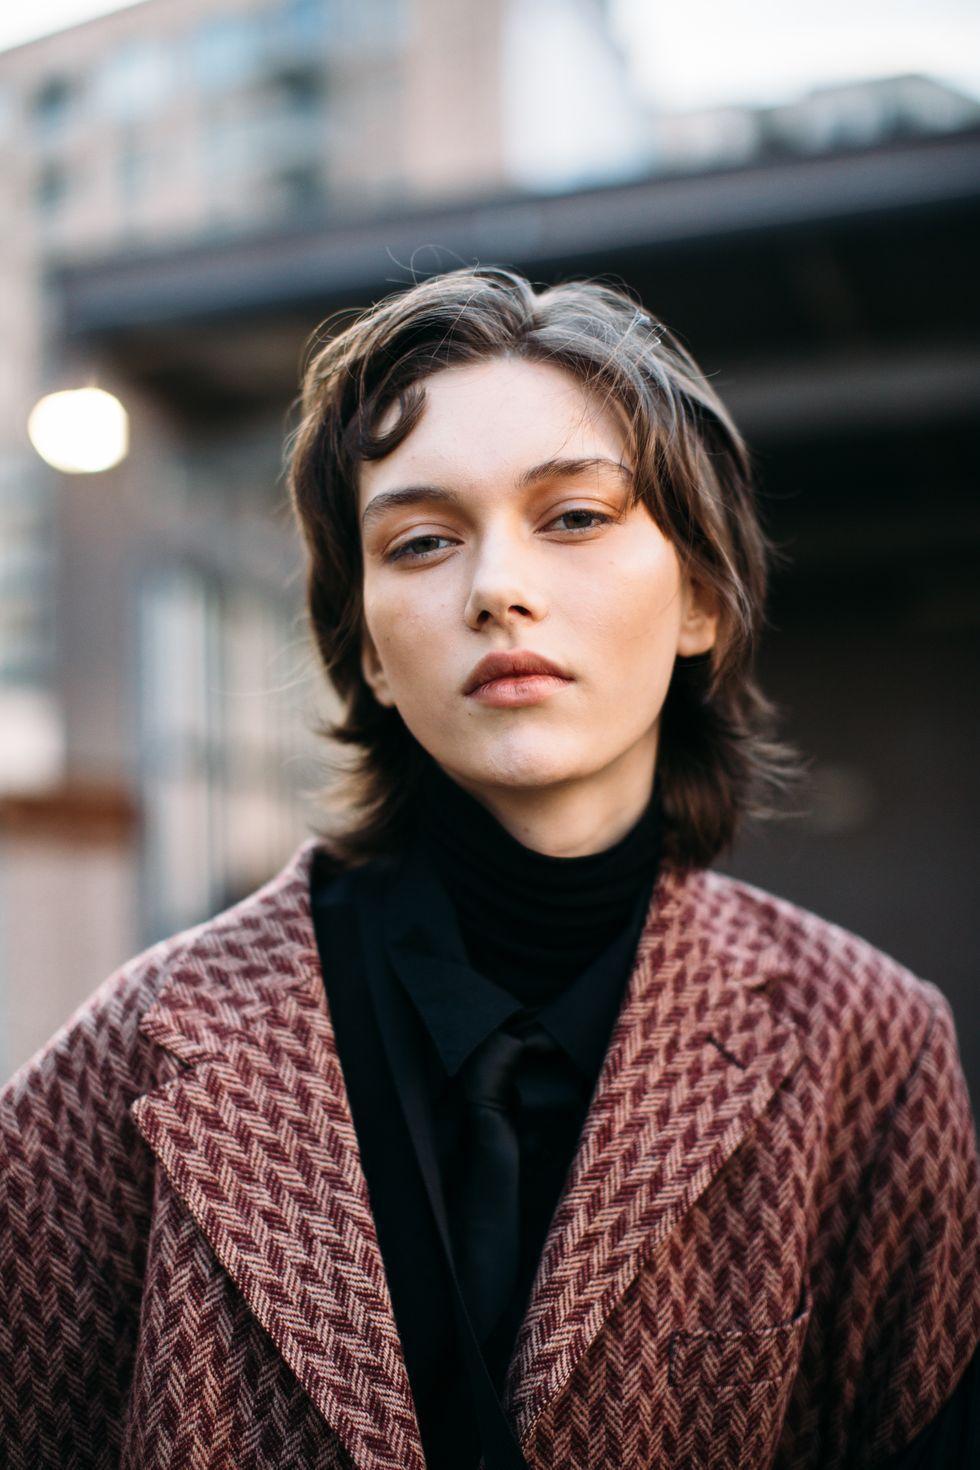 Definitivo, i migliori tagli capelli 2020 (scoperti e testati nel 2019)